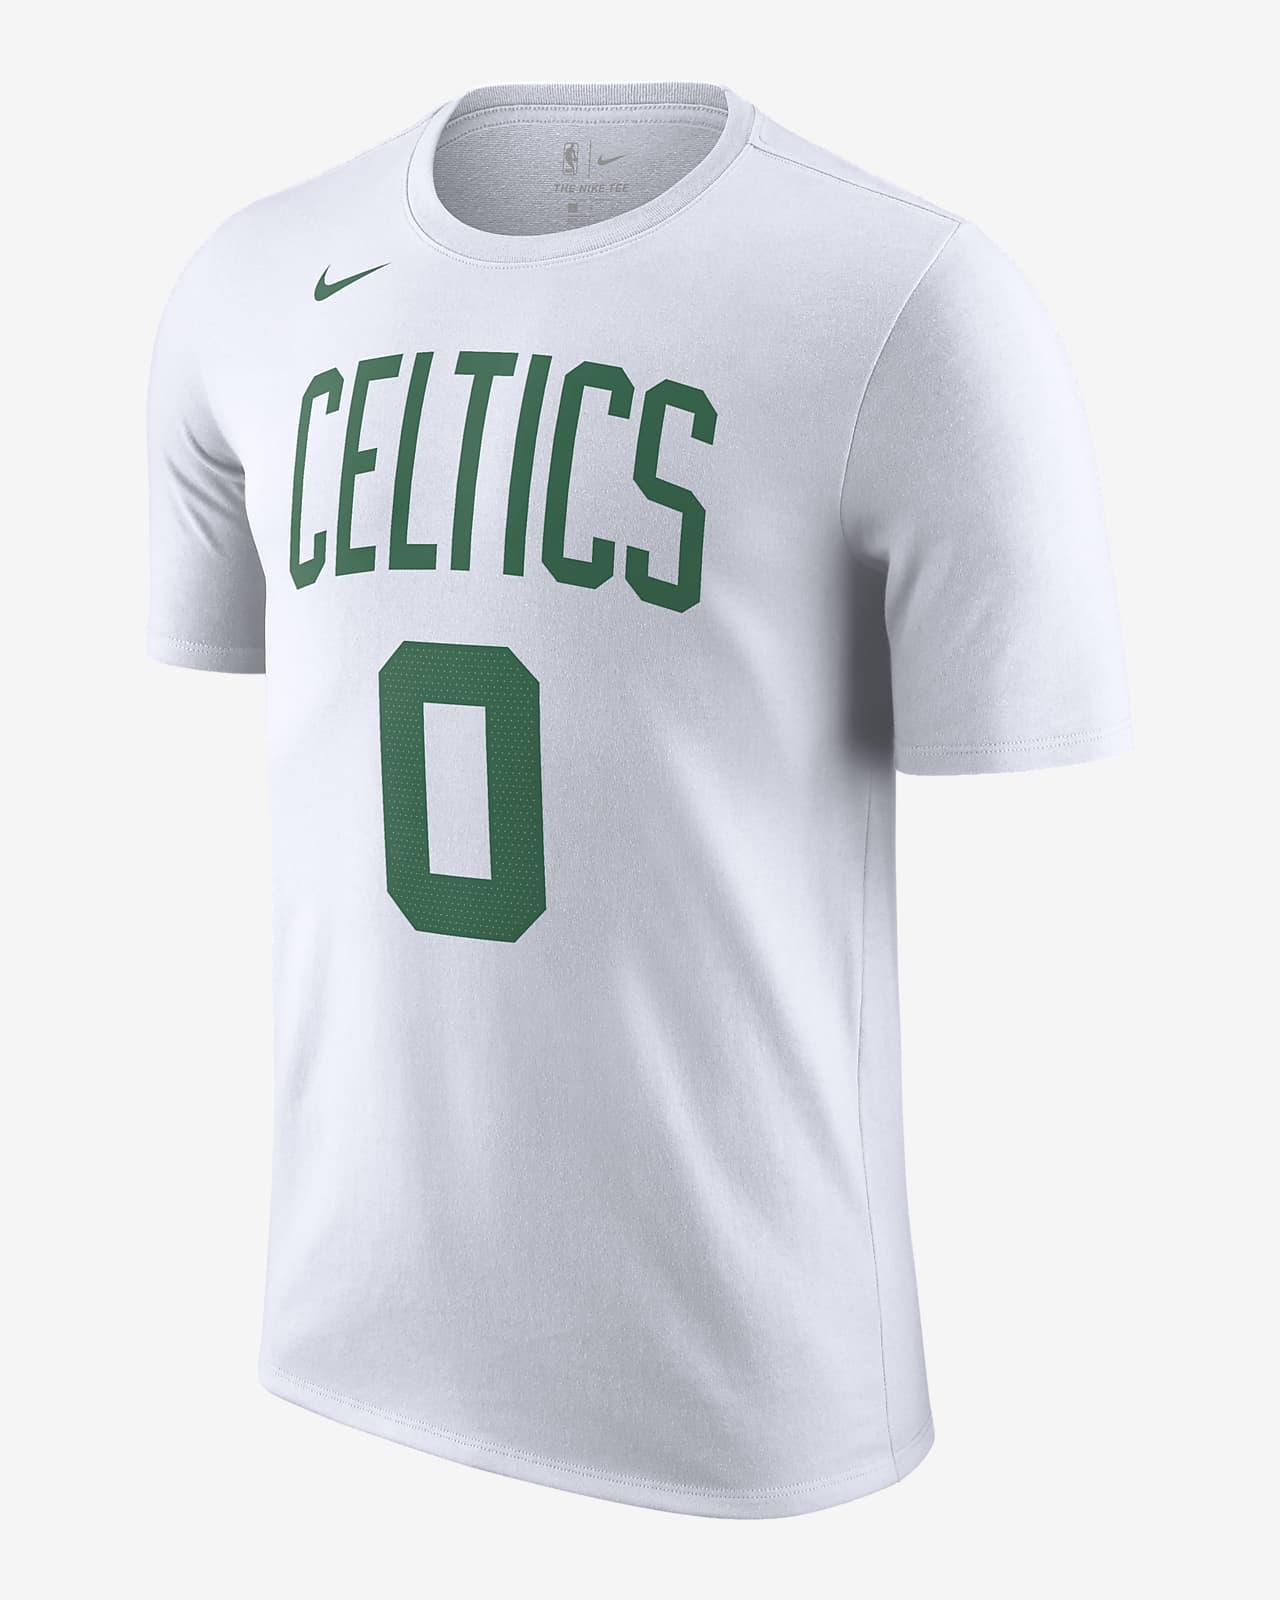 Celtics Men's Nike NBA T-Shirt. Nike.com